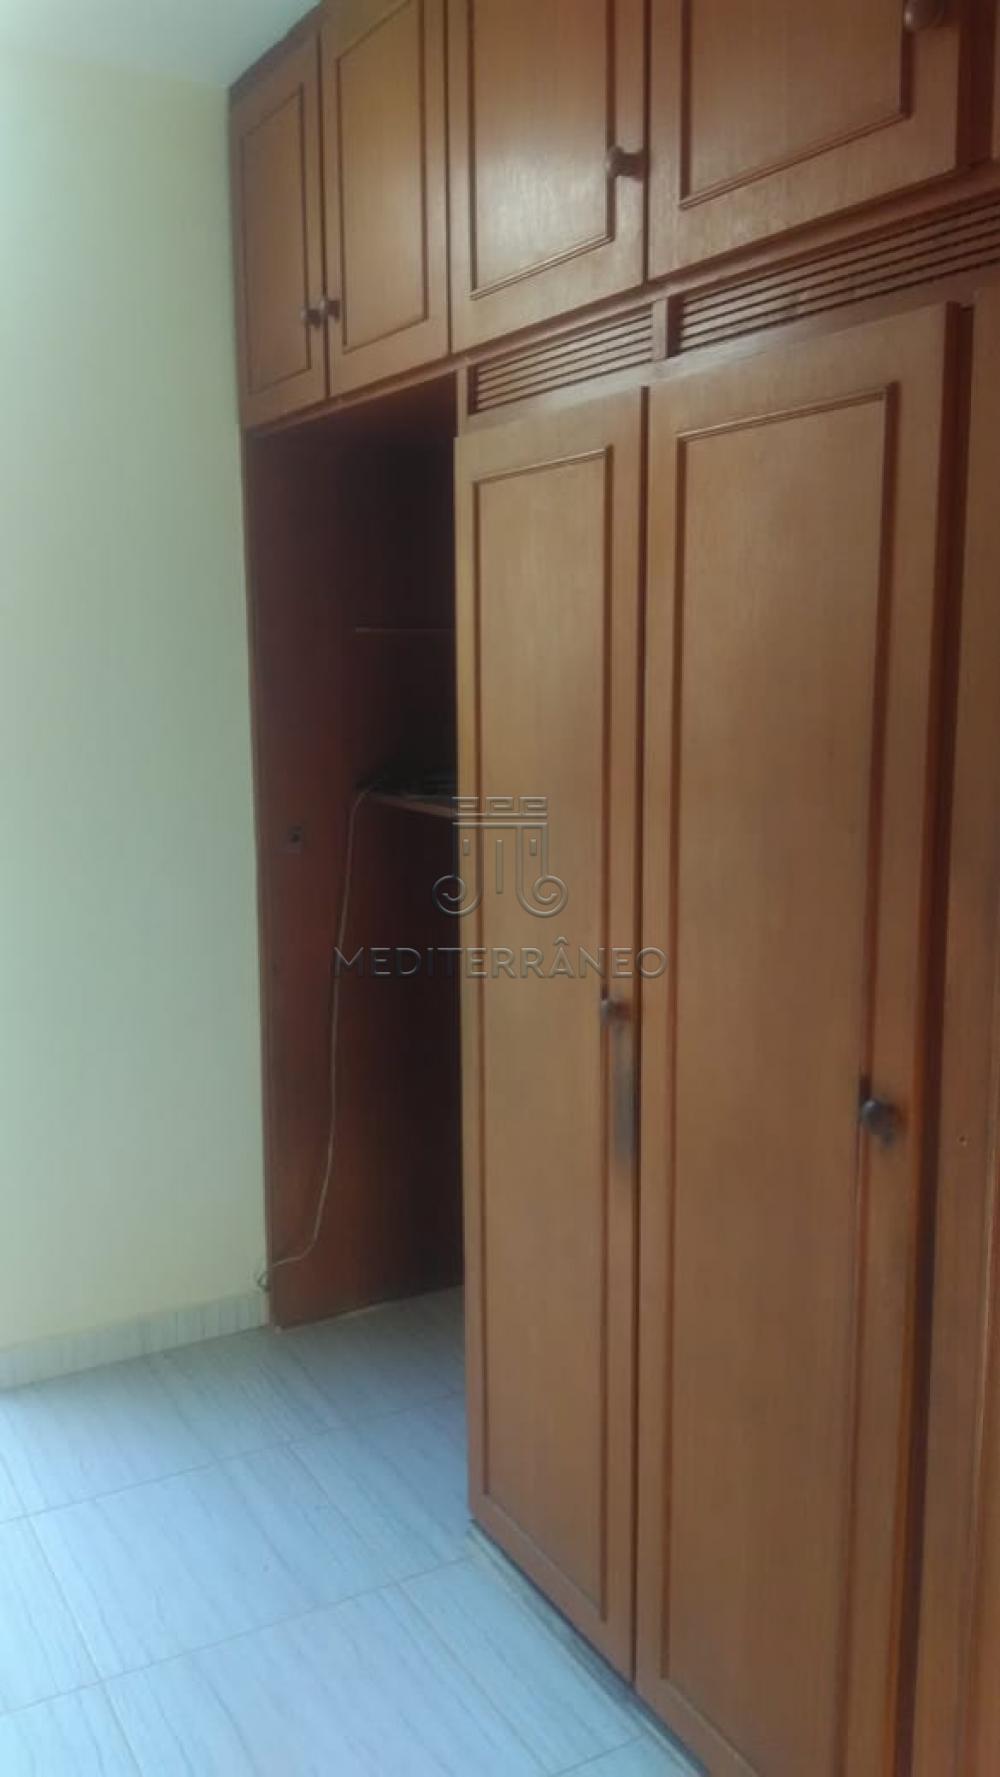 Alugar Apartamento / Padrão em Jundiaí apenas R$ 1.000,00 - Foto 3